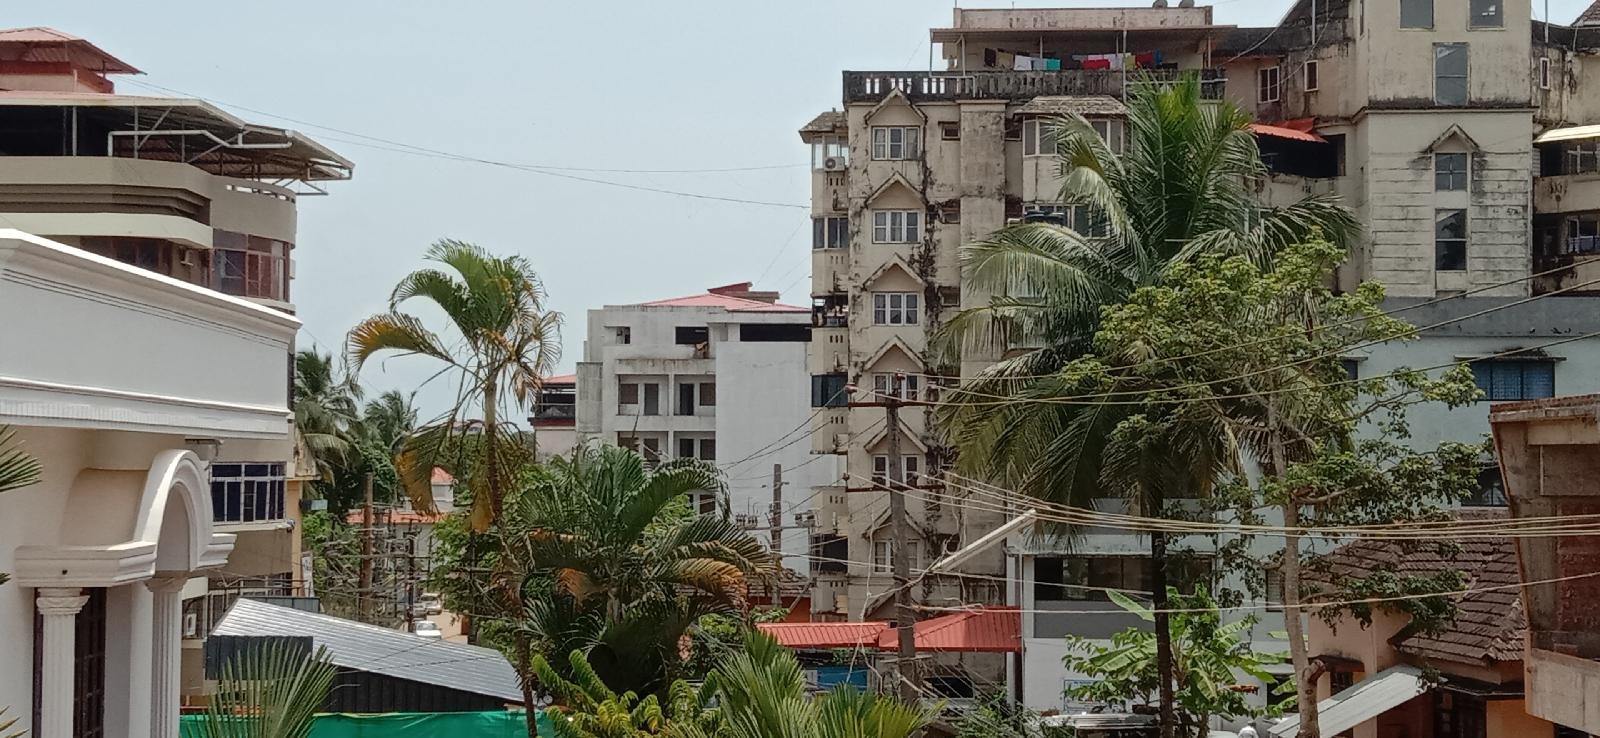 ಮಂಗಳೂರು: ನಿಫಾ ಎಂದು ಬಂದಿದ್ದ ಯುವಕನ ವರದಿ ನೆಗೆಟಿವ್-  ಆತನ ಭಯಕ್ಕೆ ಕಾರಣ ಏನು ಗೊತ್ತಾ?